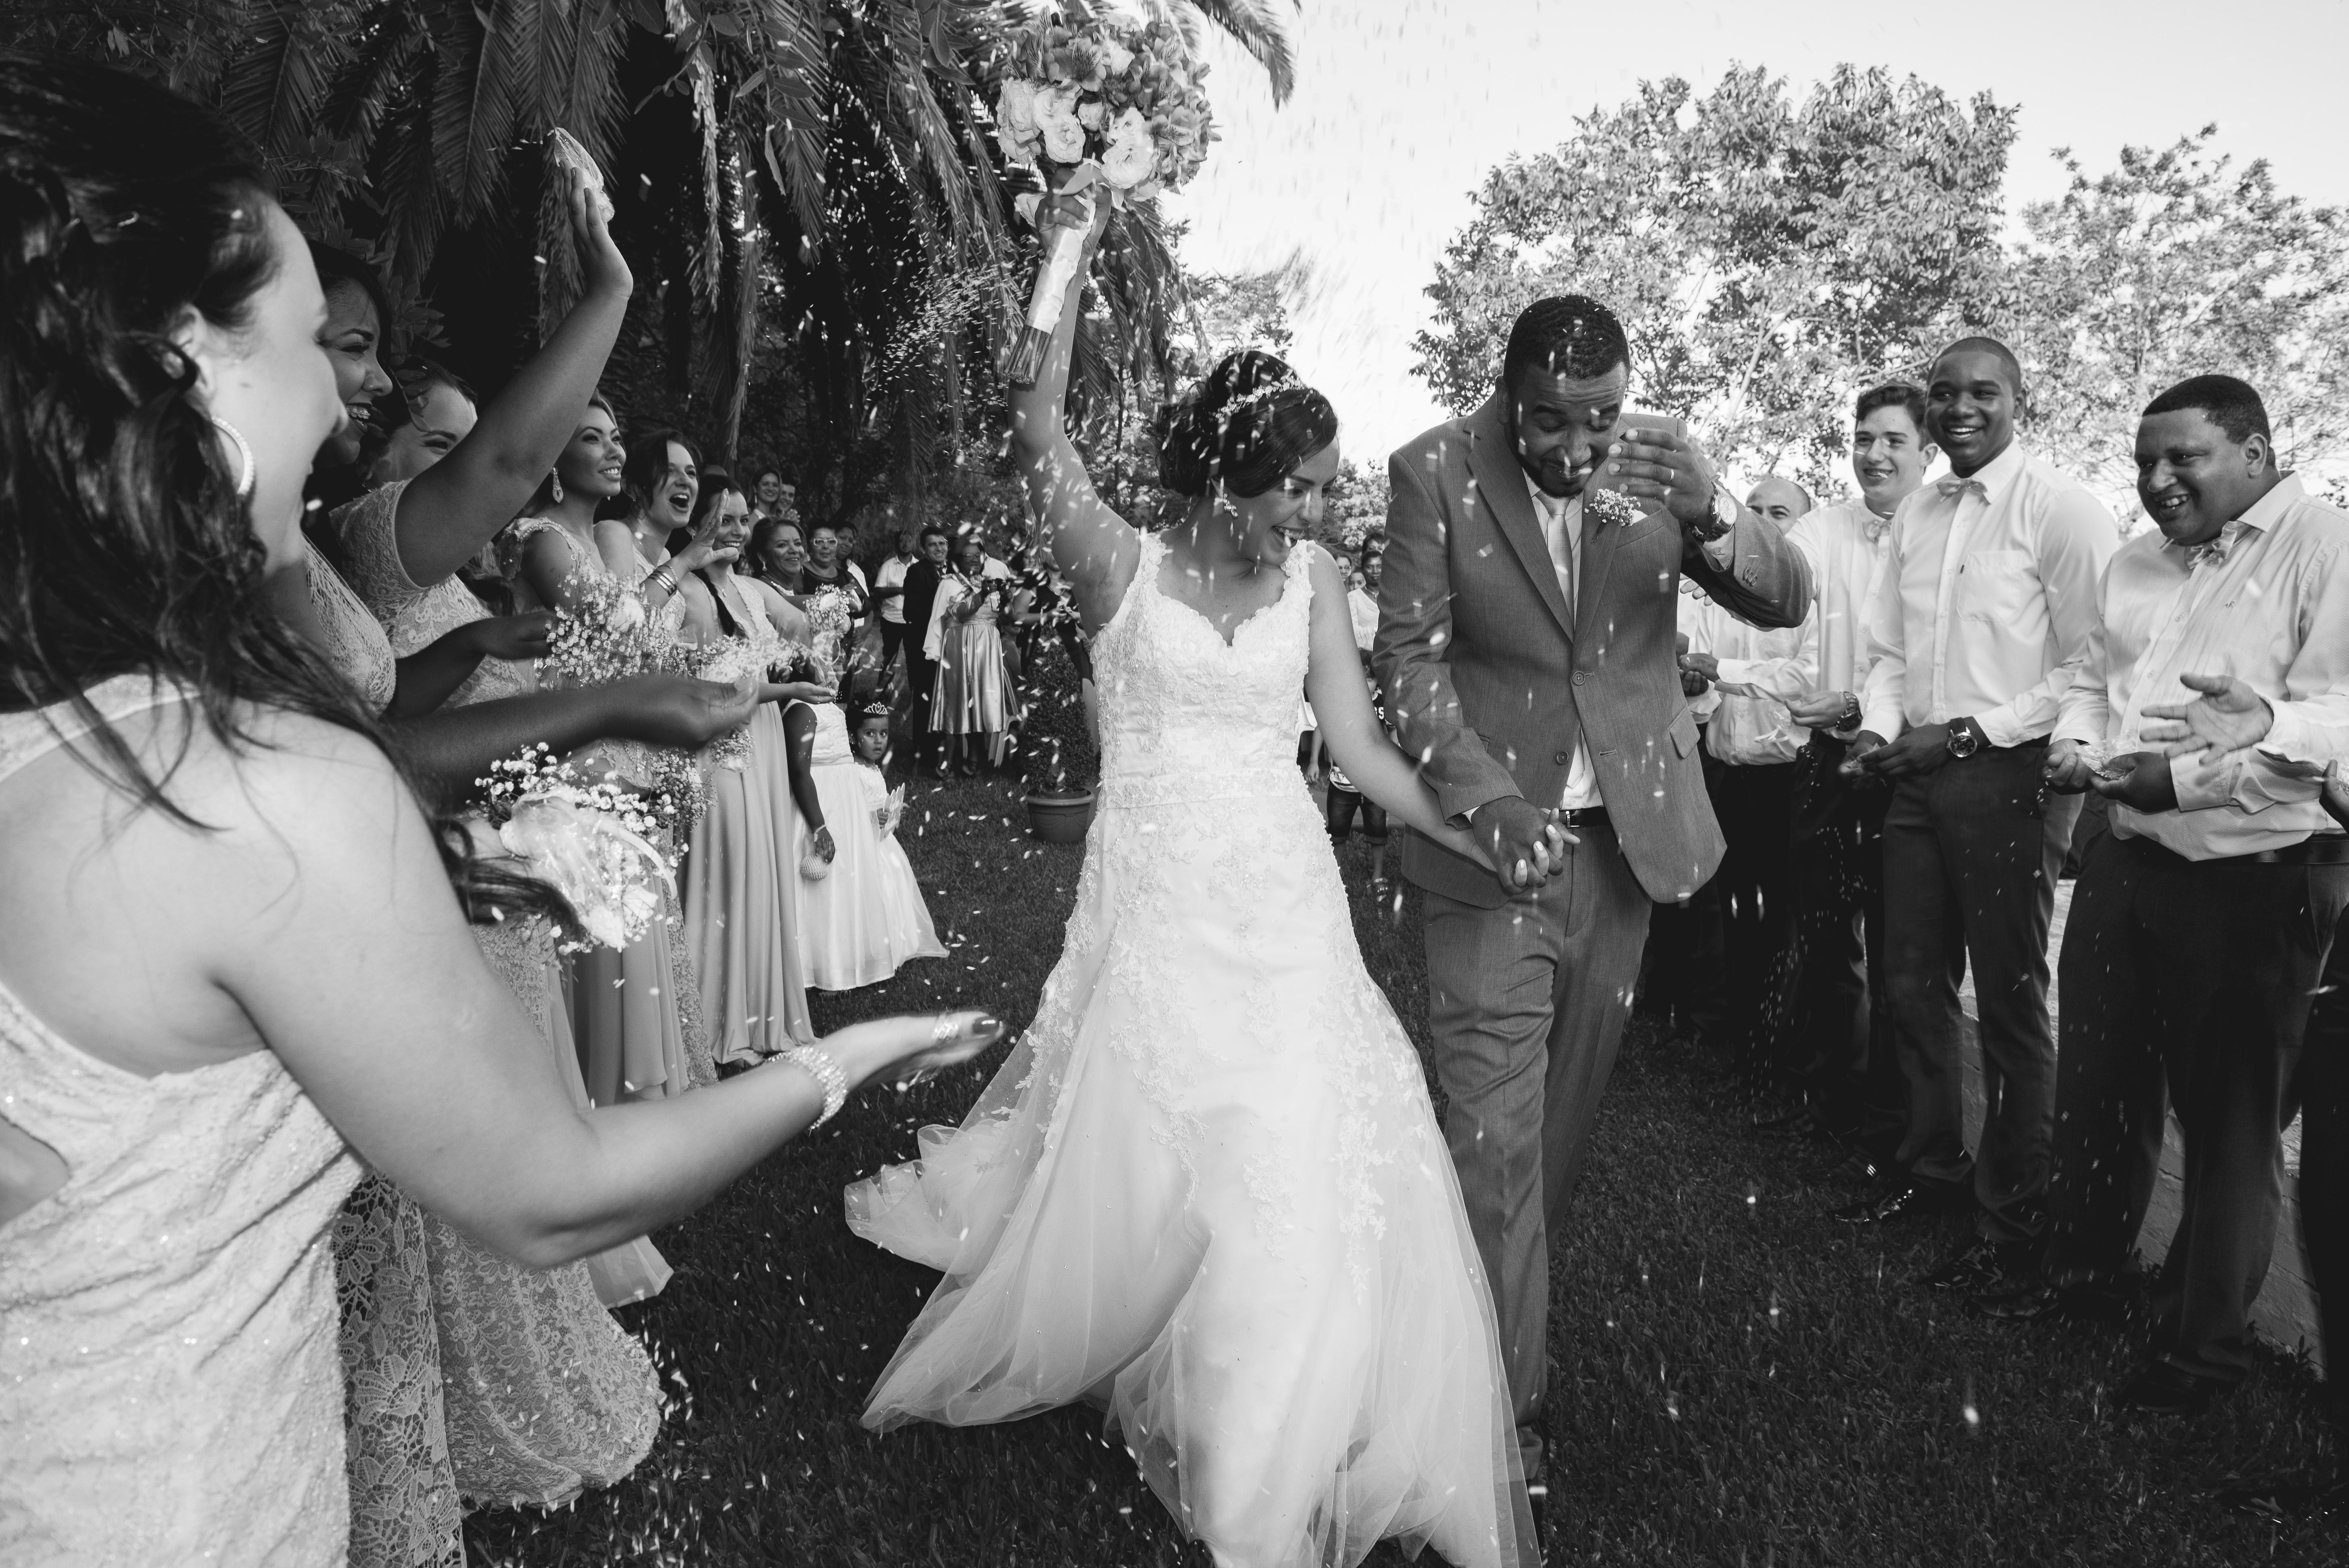 Contate Marco Moscarelli Fotografo. Fotografo de casamentos,  formaturas e 15 anos em Pelotas.